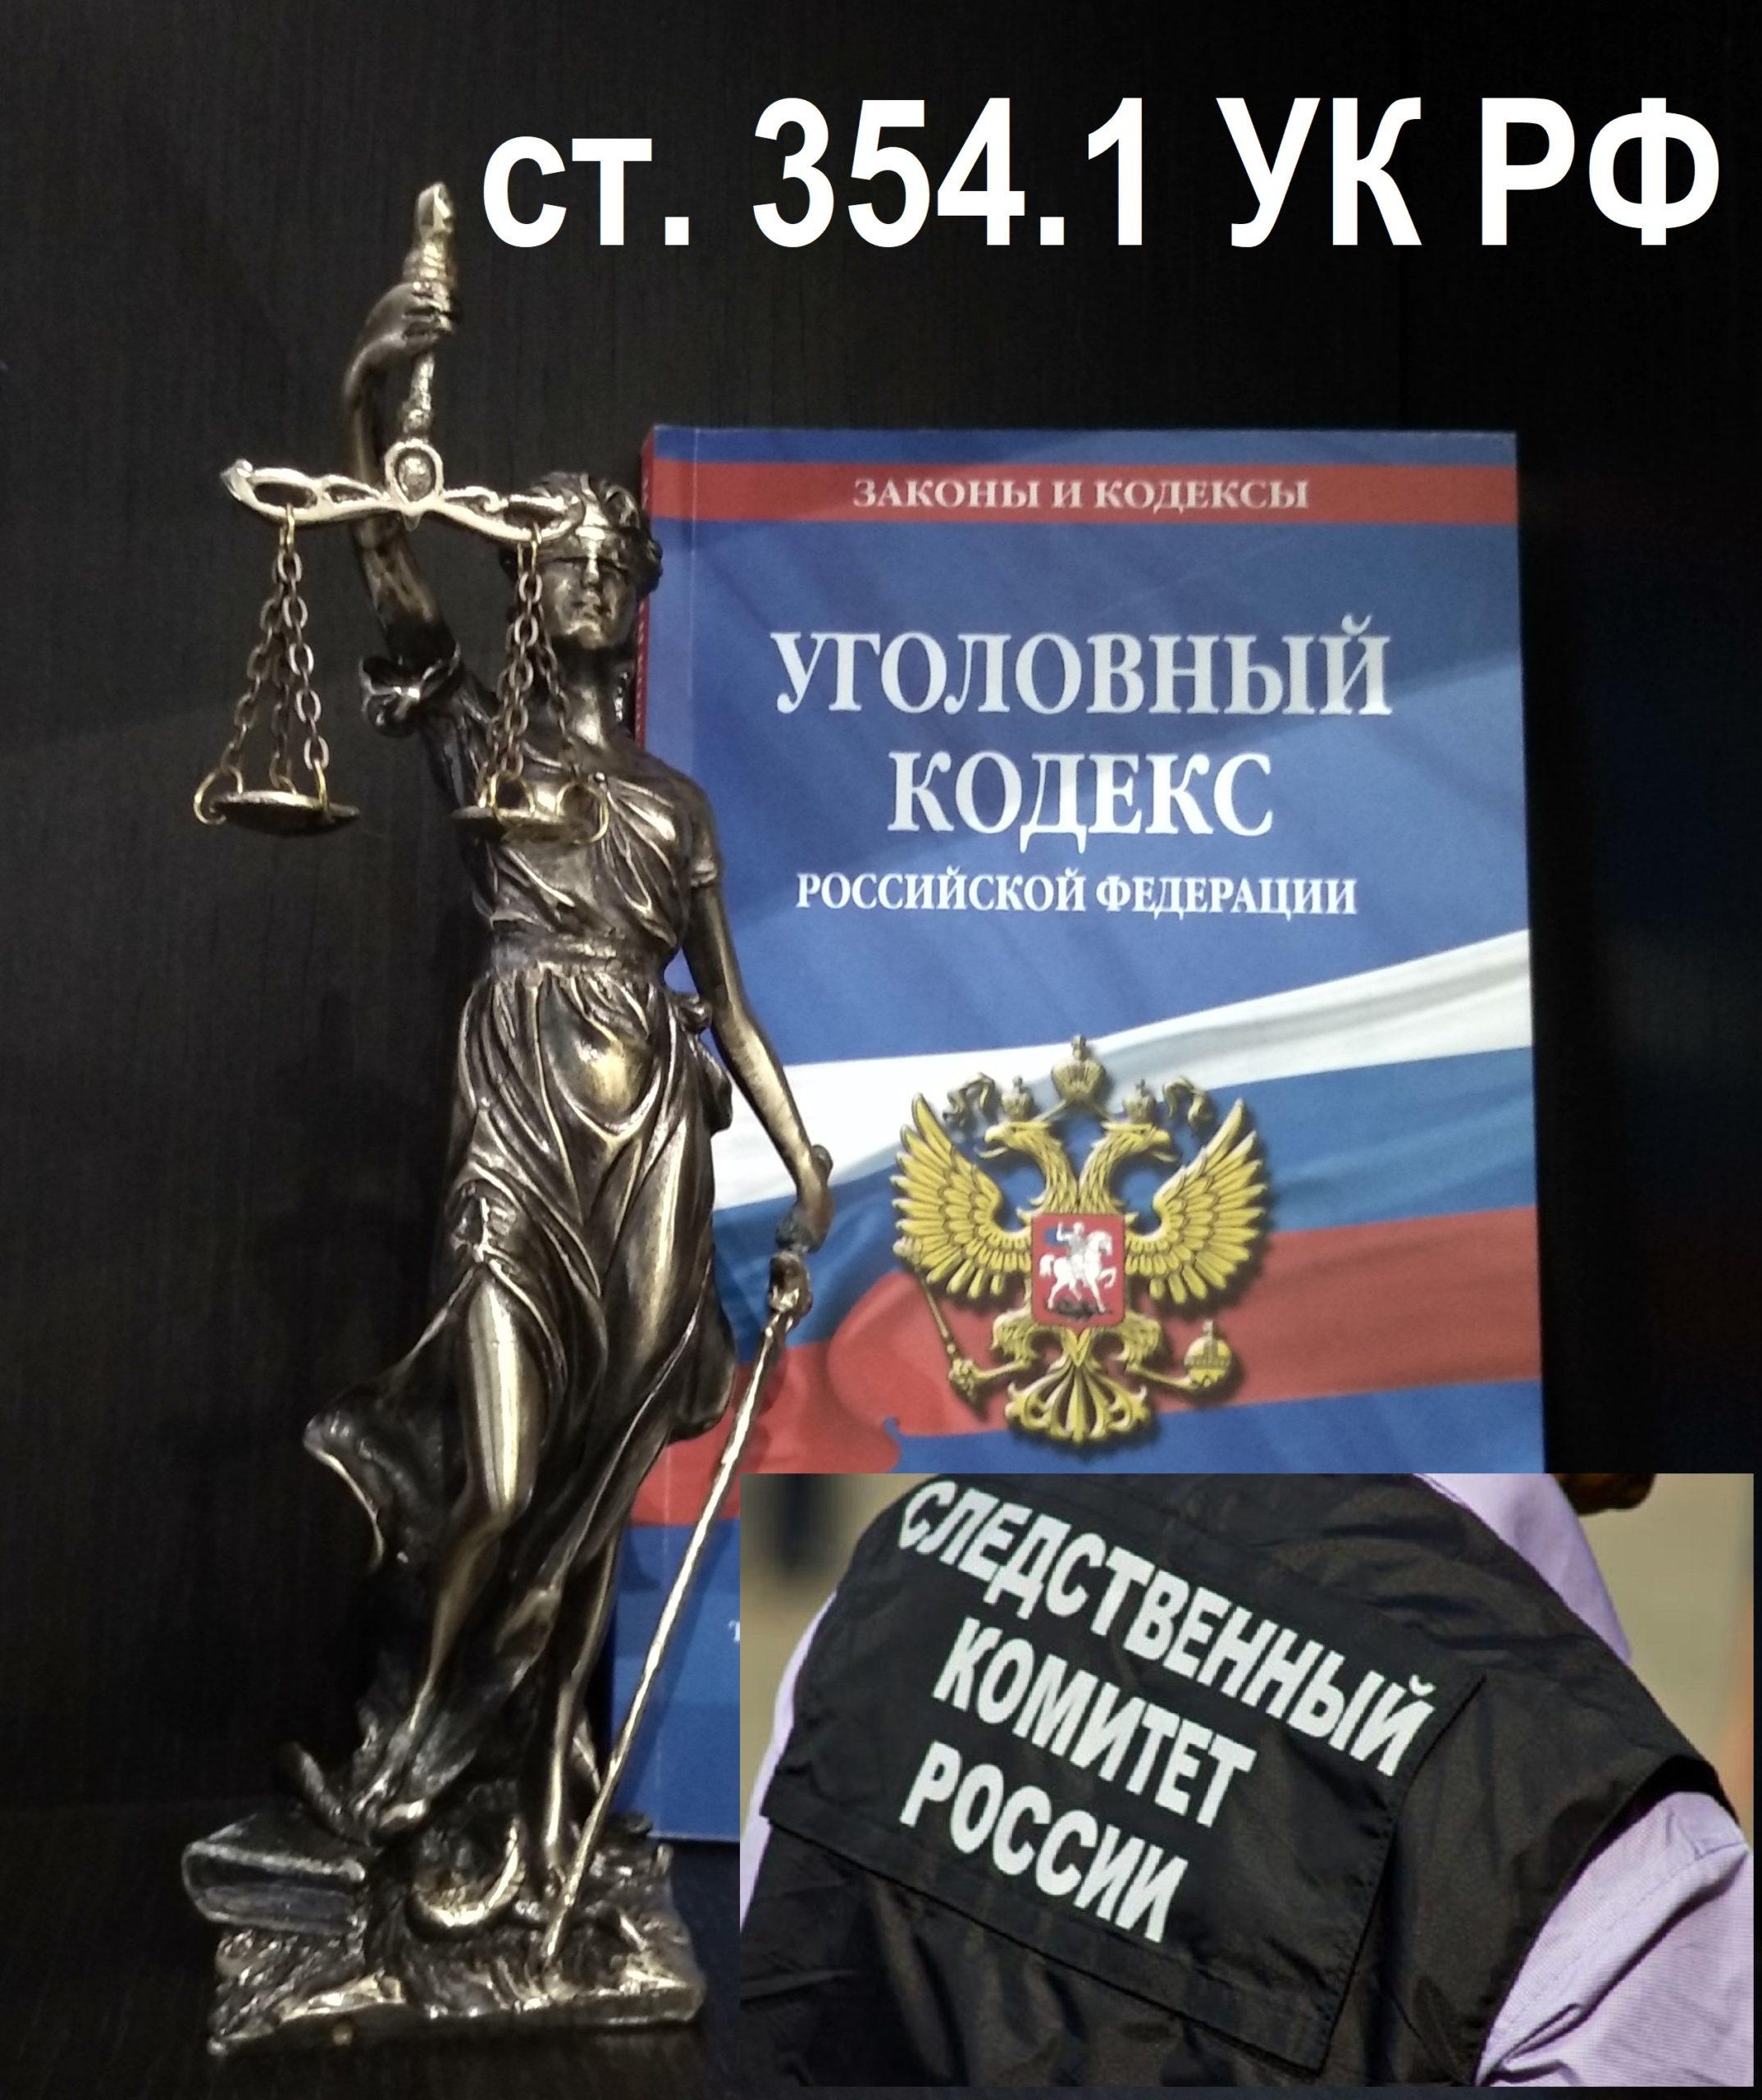 Адвокат по ст. 354.1 УК РФ Реабилитация нацизма